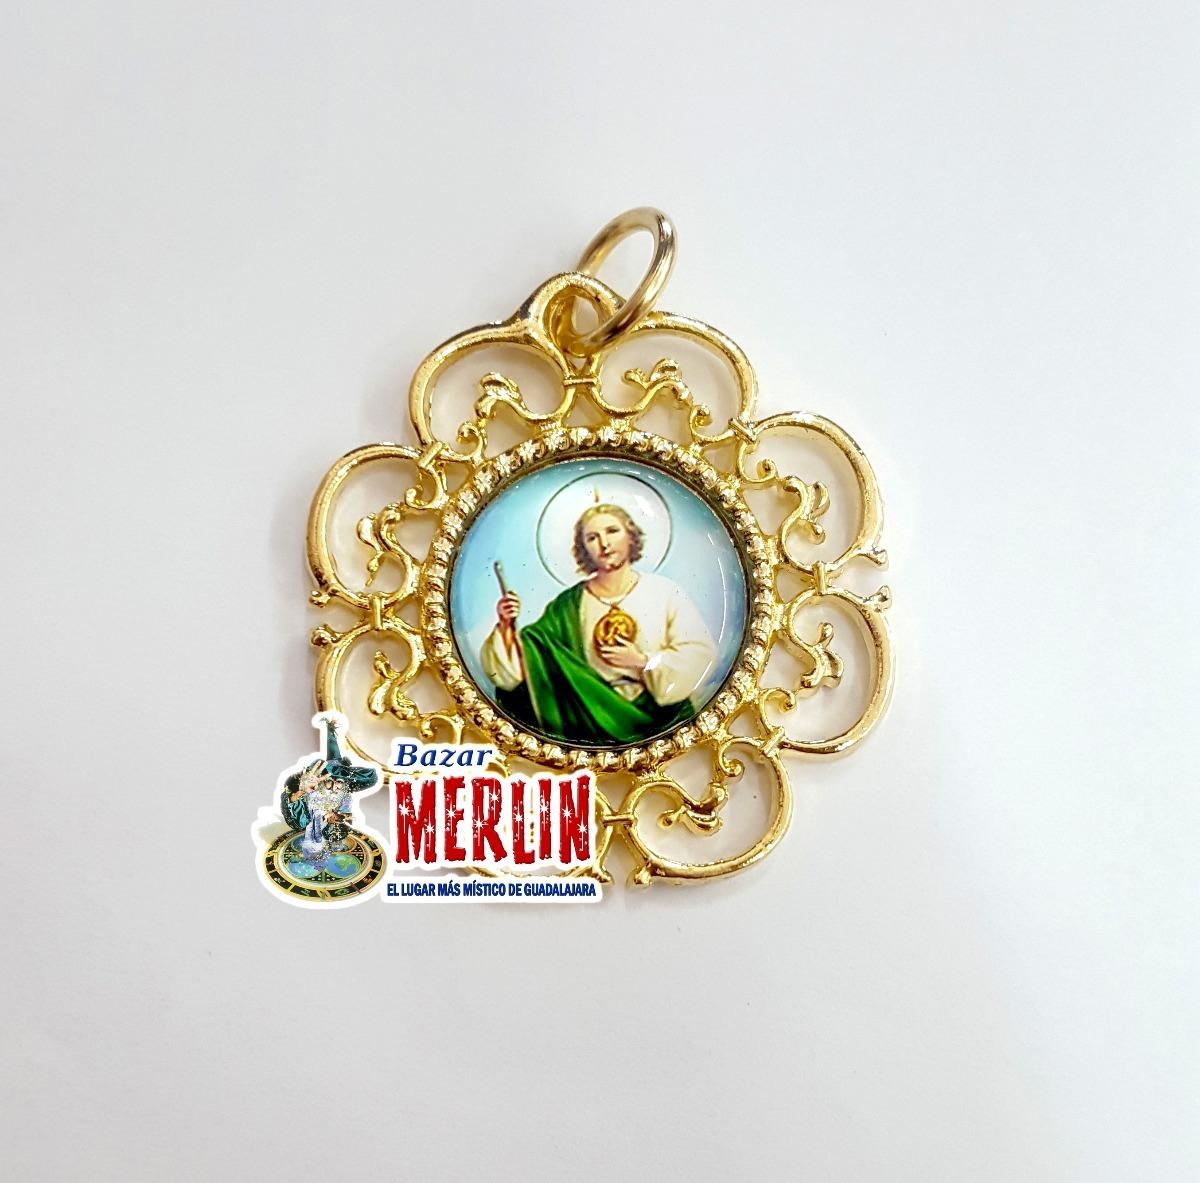 Medalla San Judas Tadeo Fina Chapa De Oro 39000 En Mercado Libre